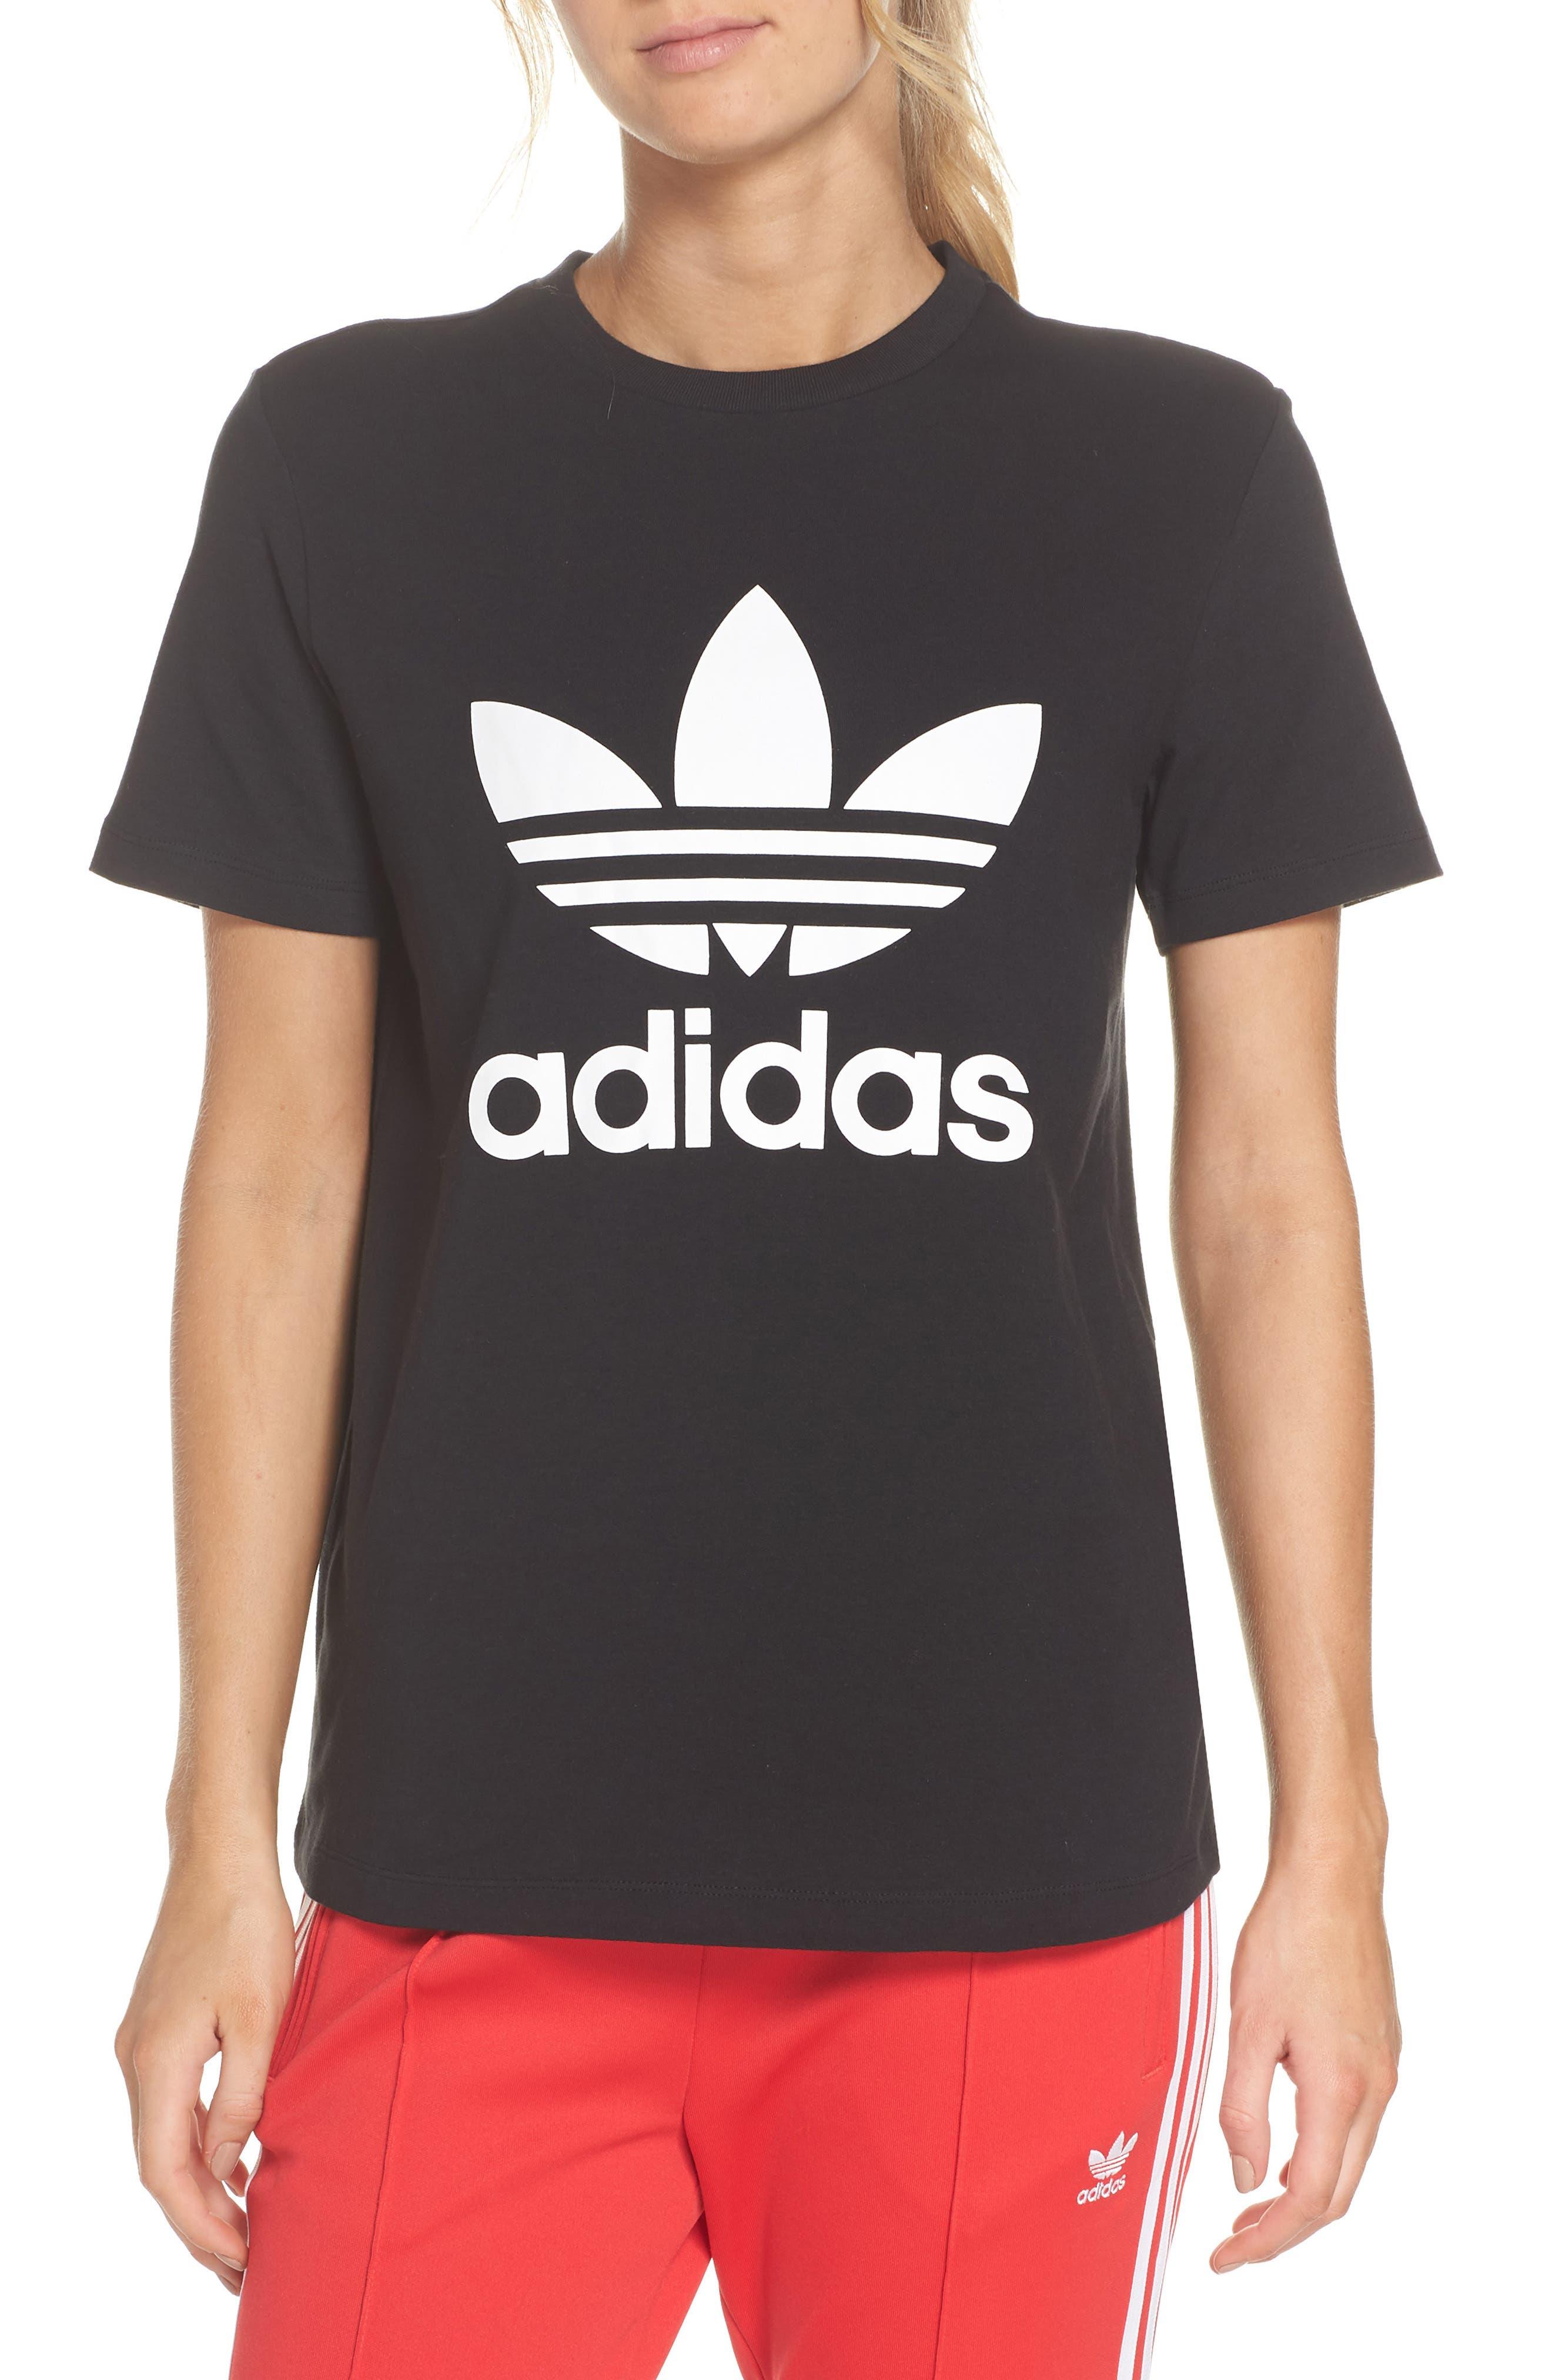 Adidas Trefoil Tee, Black